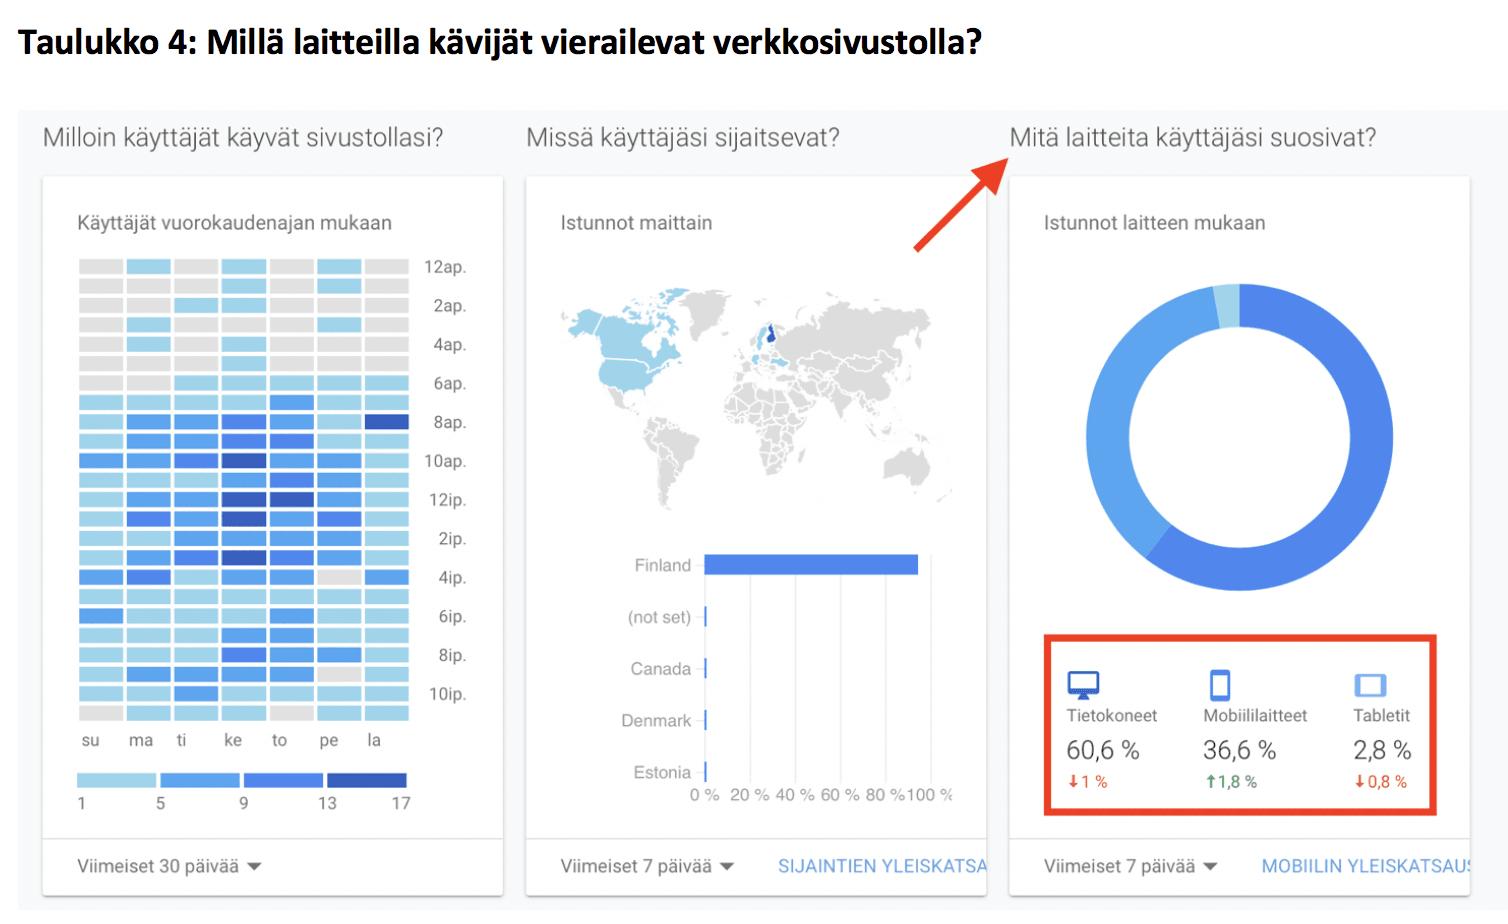 Seurantatyökalu kertoo, millä laitteilla kävijät vierailevat verkkosivustolla?